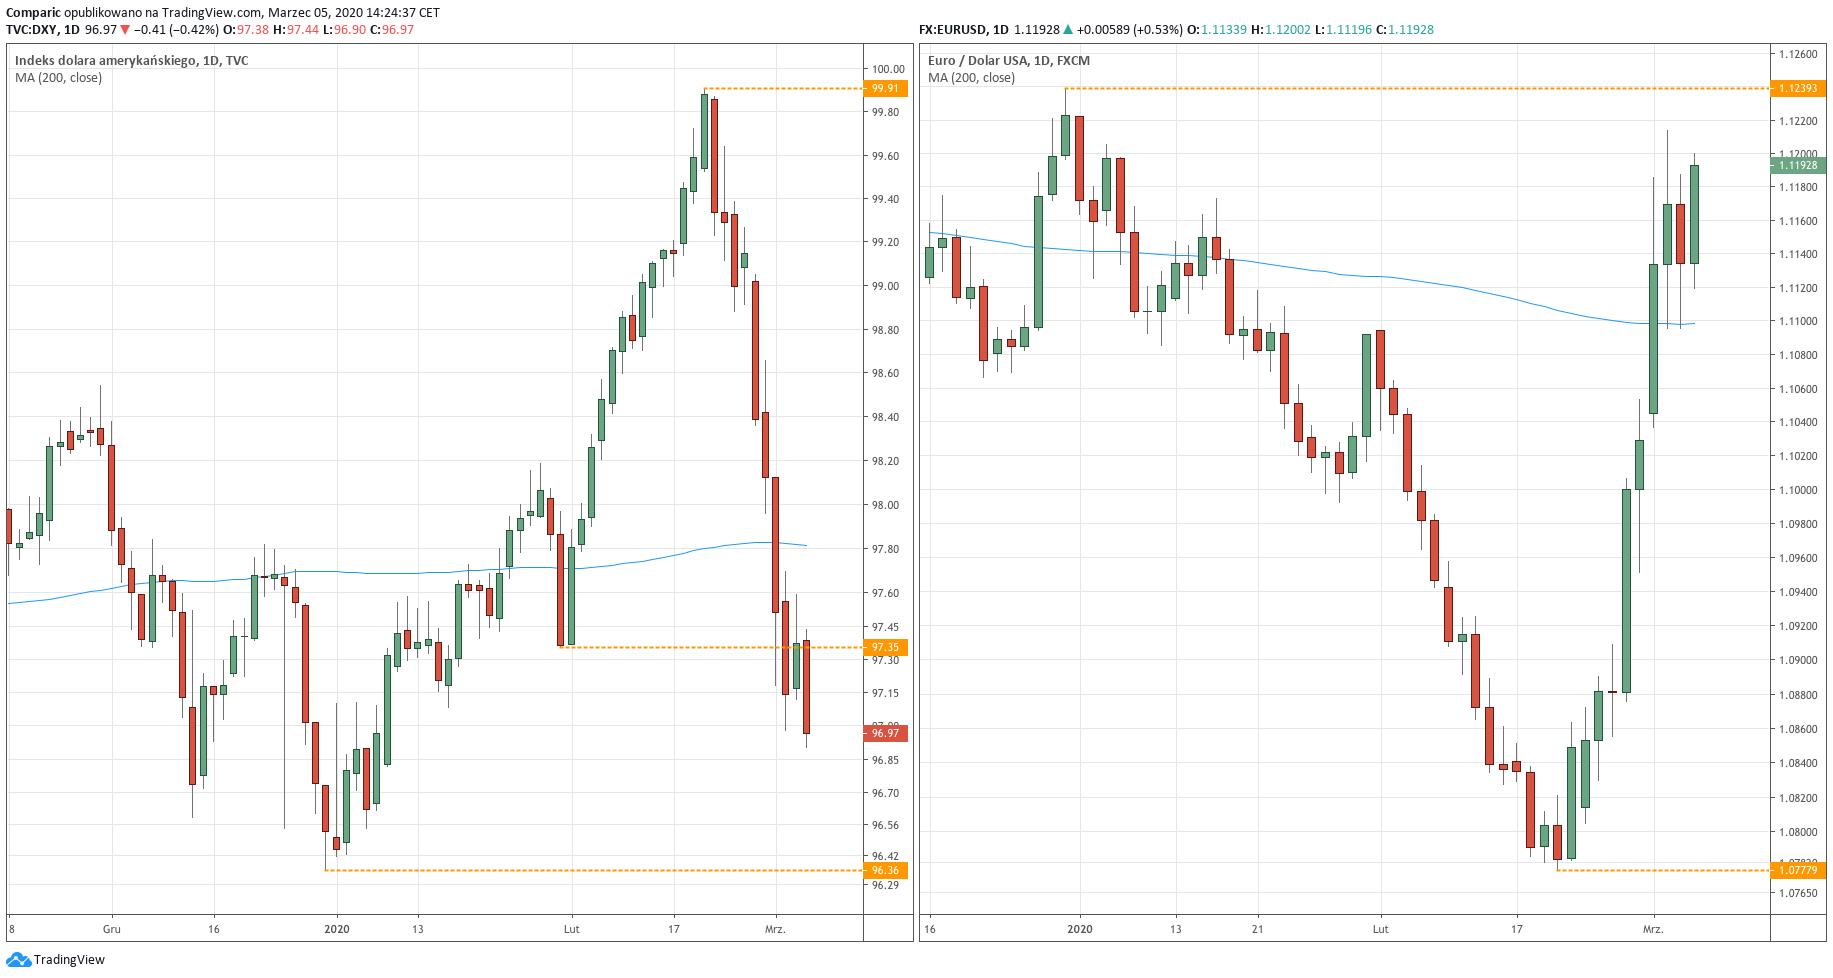 Od lewej: wykres dzienny indeksu dolara (DXY) oraz pary walutowej EURUSD - 5 marca 2020 r.